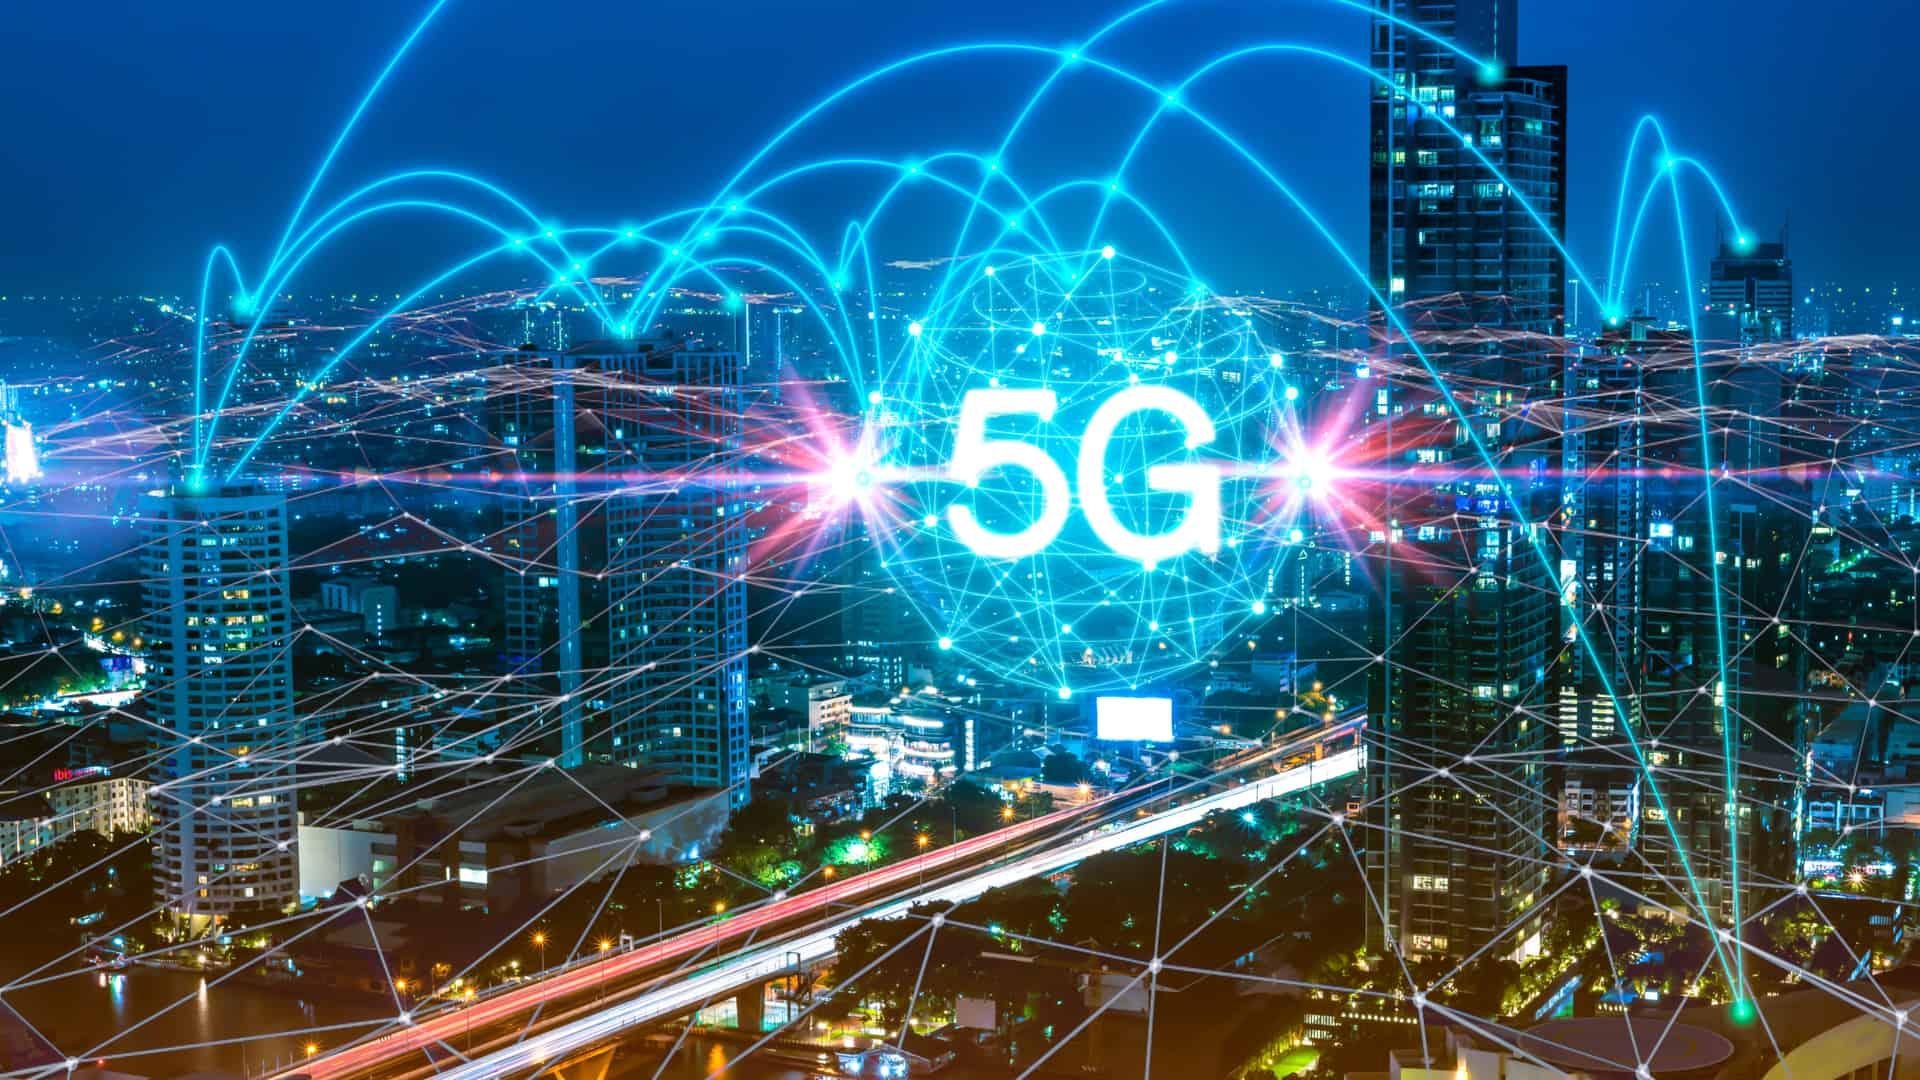 Интернет-провайдер в Красноярске рассказывает: 5G – мир меняется на наших глазах